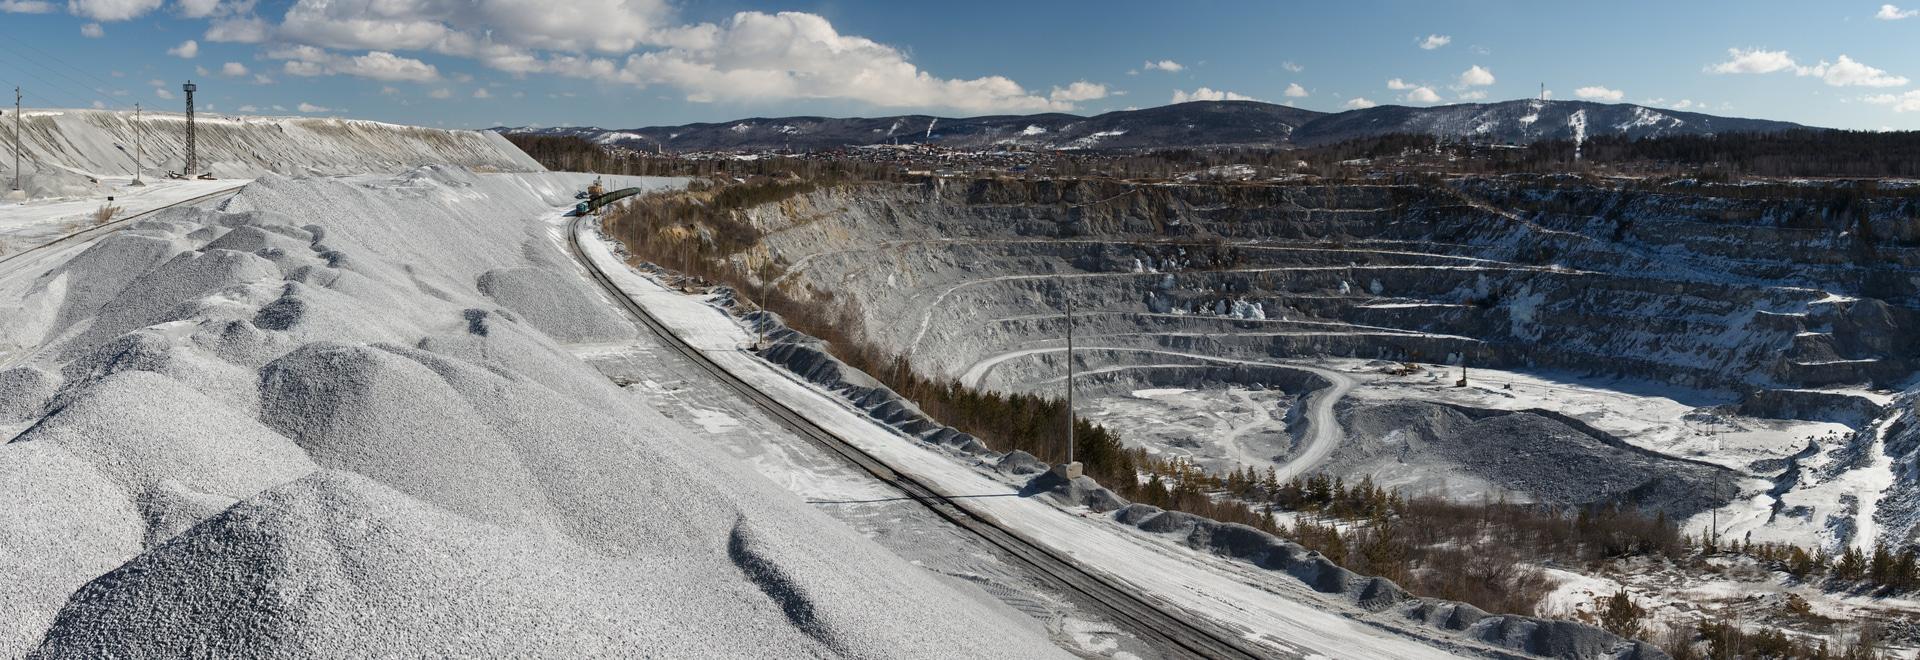 A la pointe de l'exploitation minière : de la bauxite à l'alumine en passant par l'aluminium